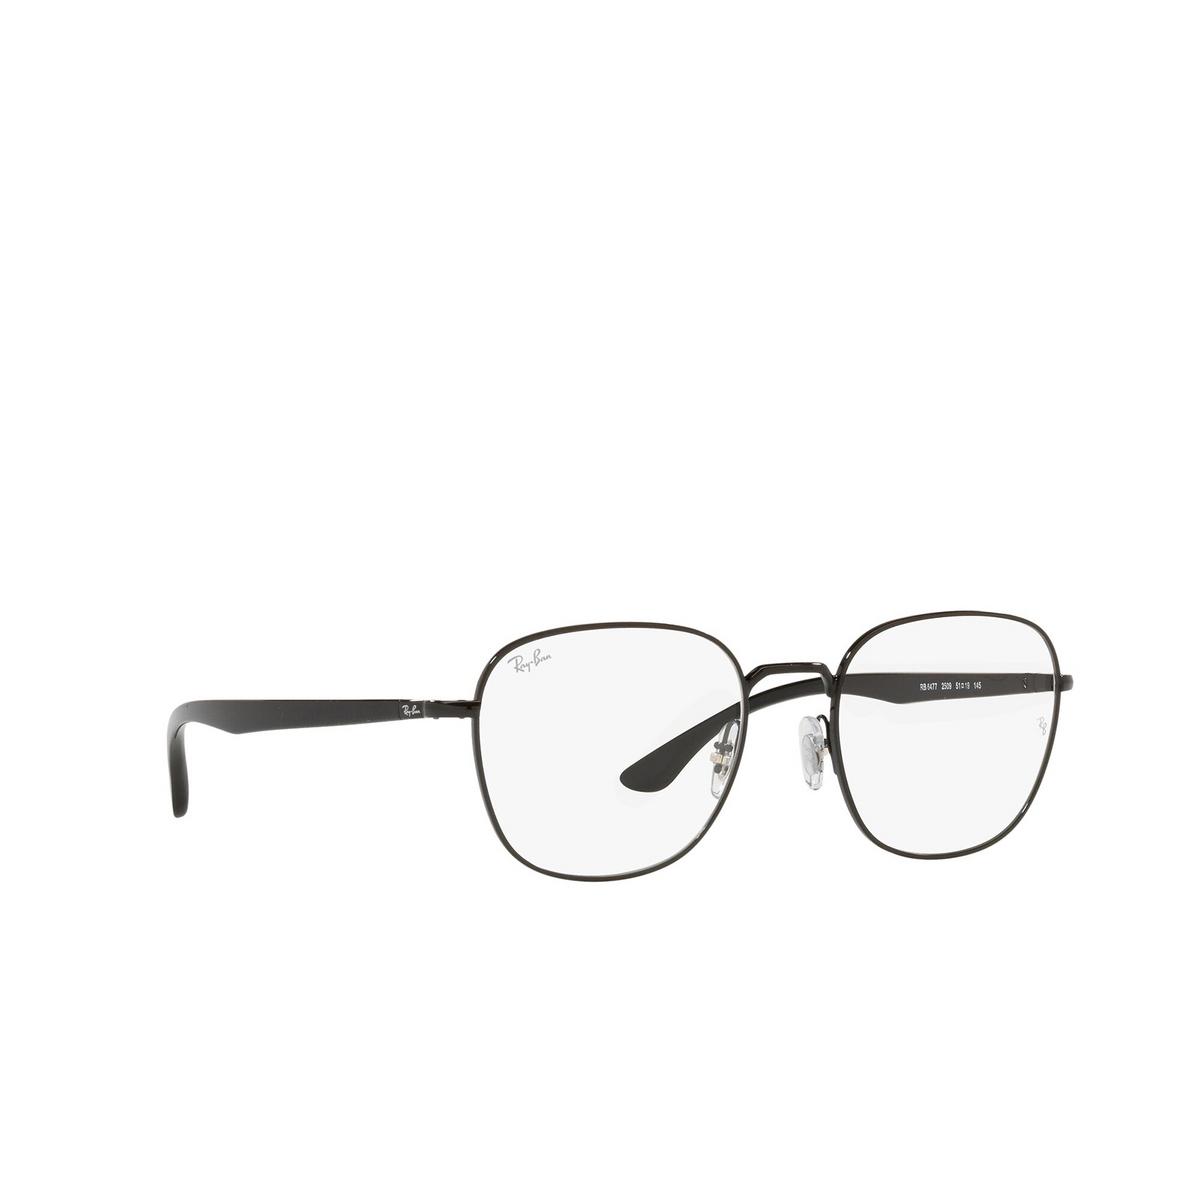 Ray-Ban® Square Eyeglasses: RX6477 color Black 2509 - three-quarters view.